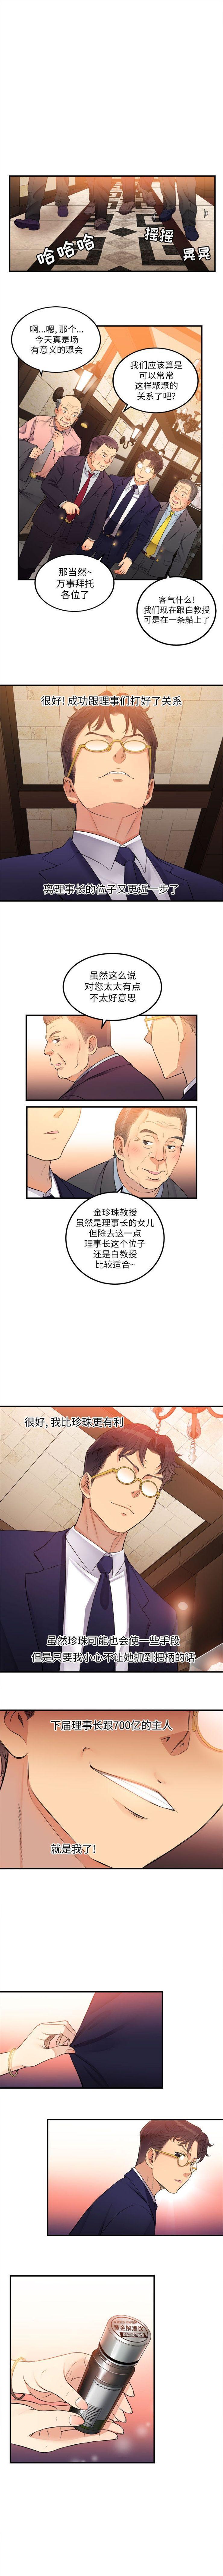 由莉的秘密1-60 中文翻译 (更新中) 51